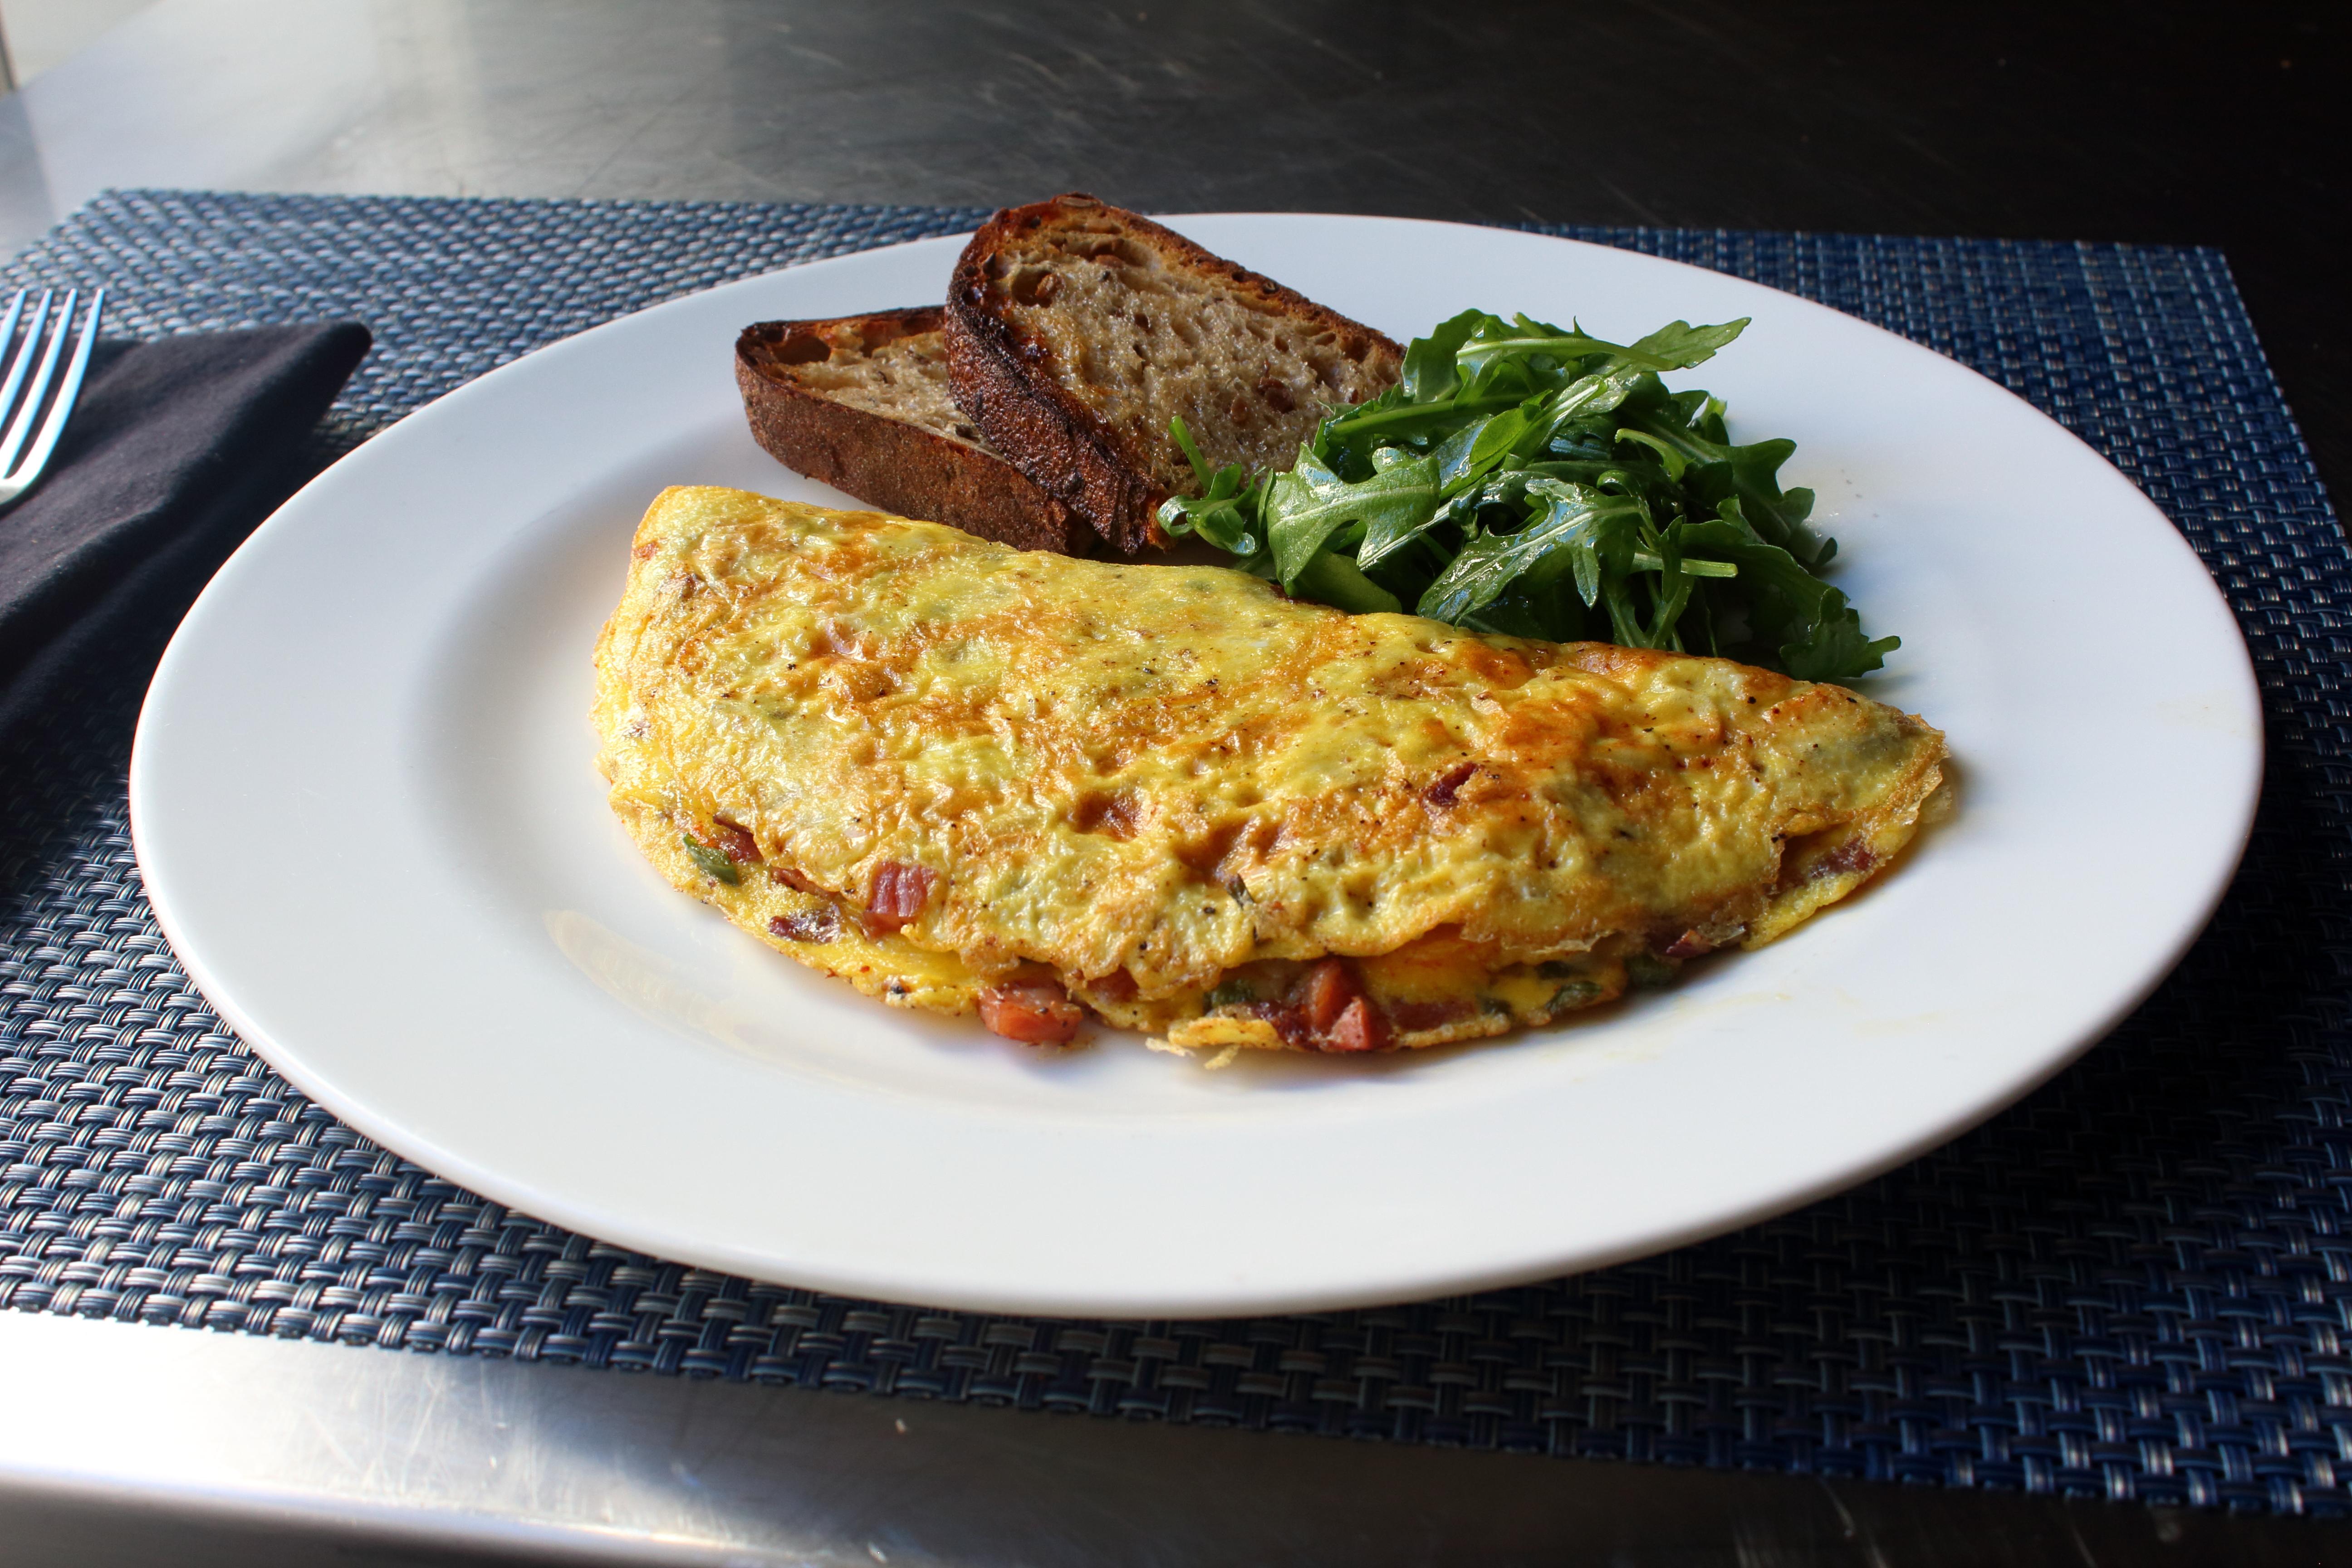 The Denver Omelet image